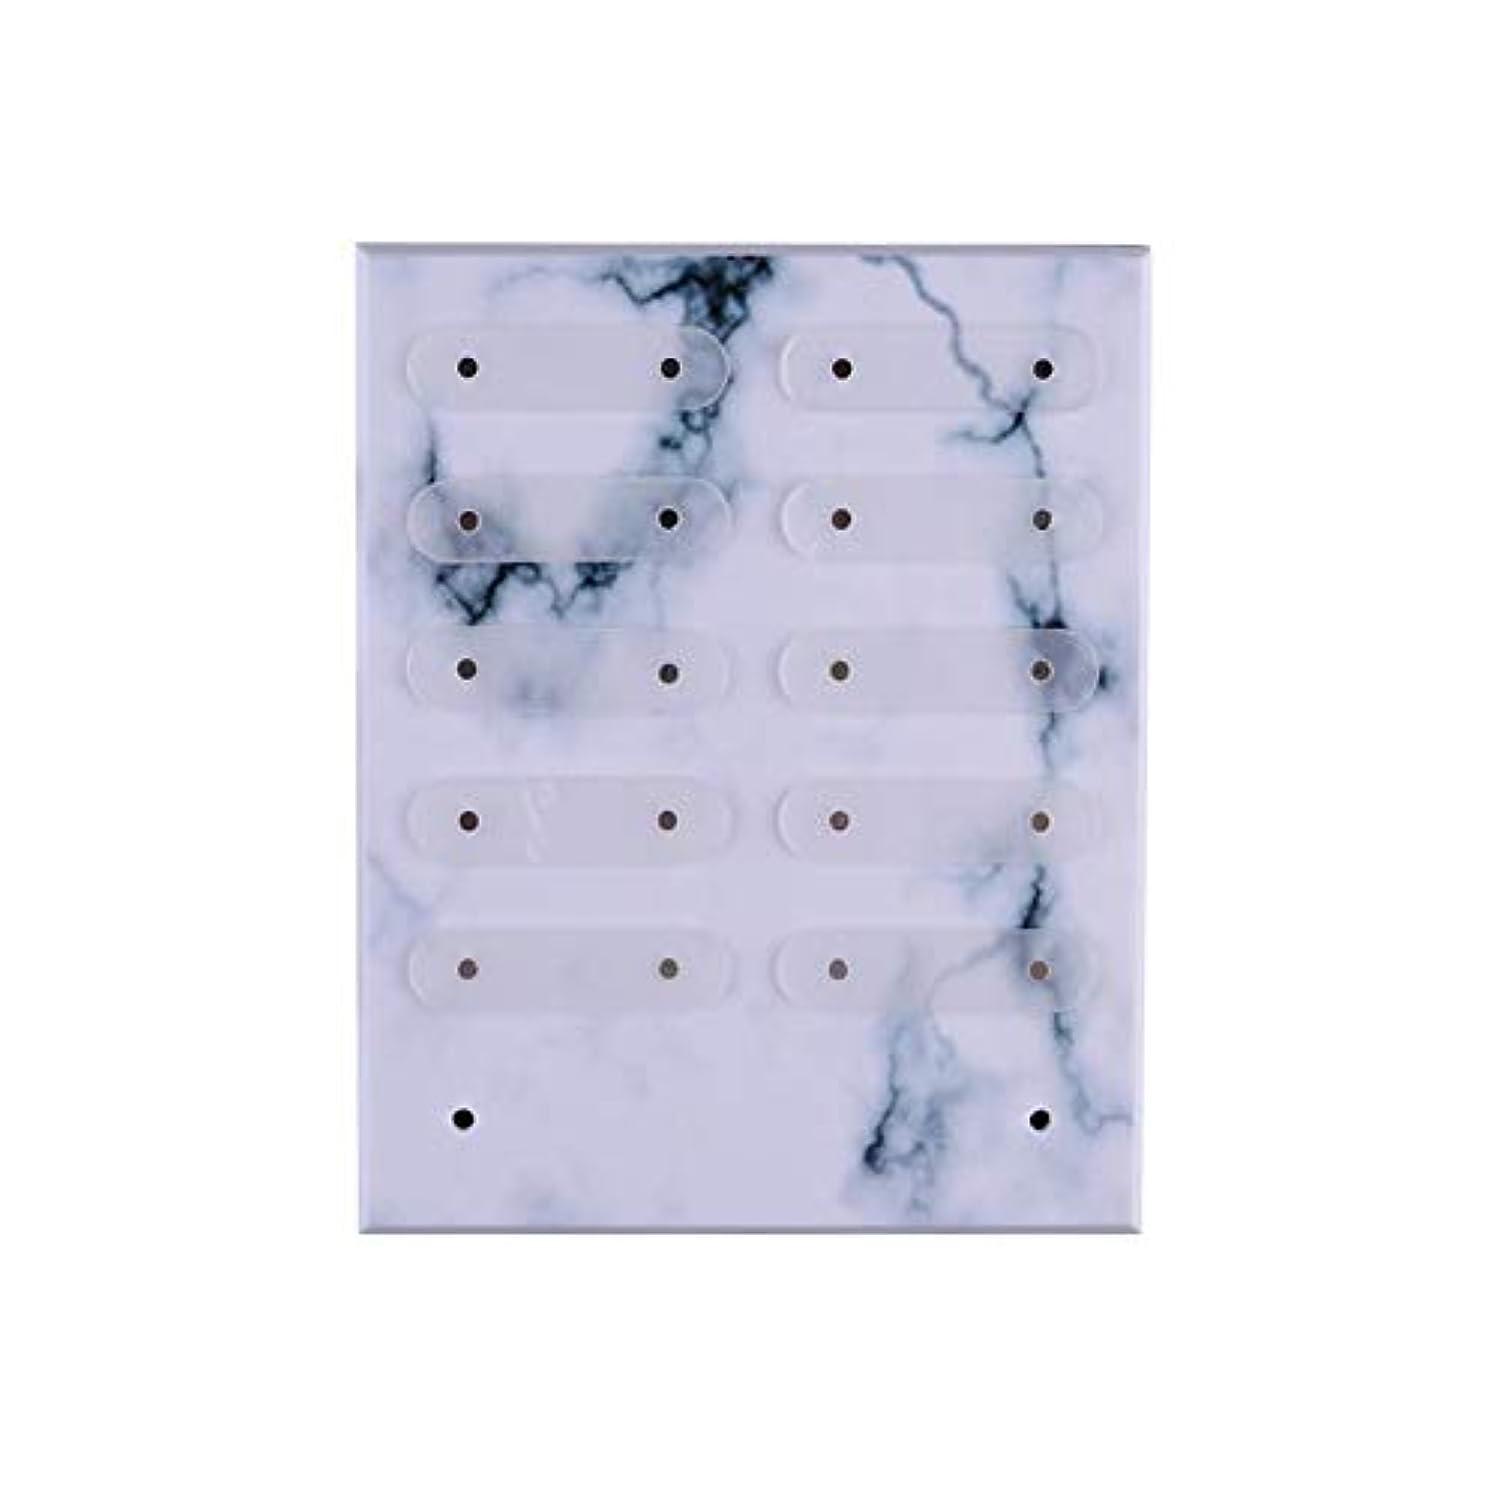 海洋無力正確さBrill(ブリーオ) 三次元Magnetadsorptionネイルアートの表示には、ネイルサロン/マニキュア/ペディキュアのための適切な着脱式スタンド